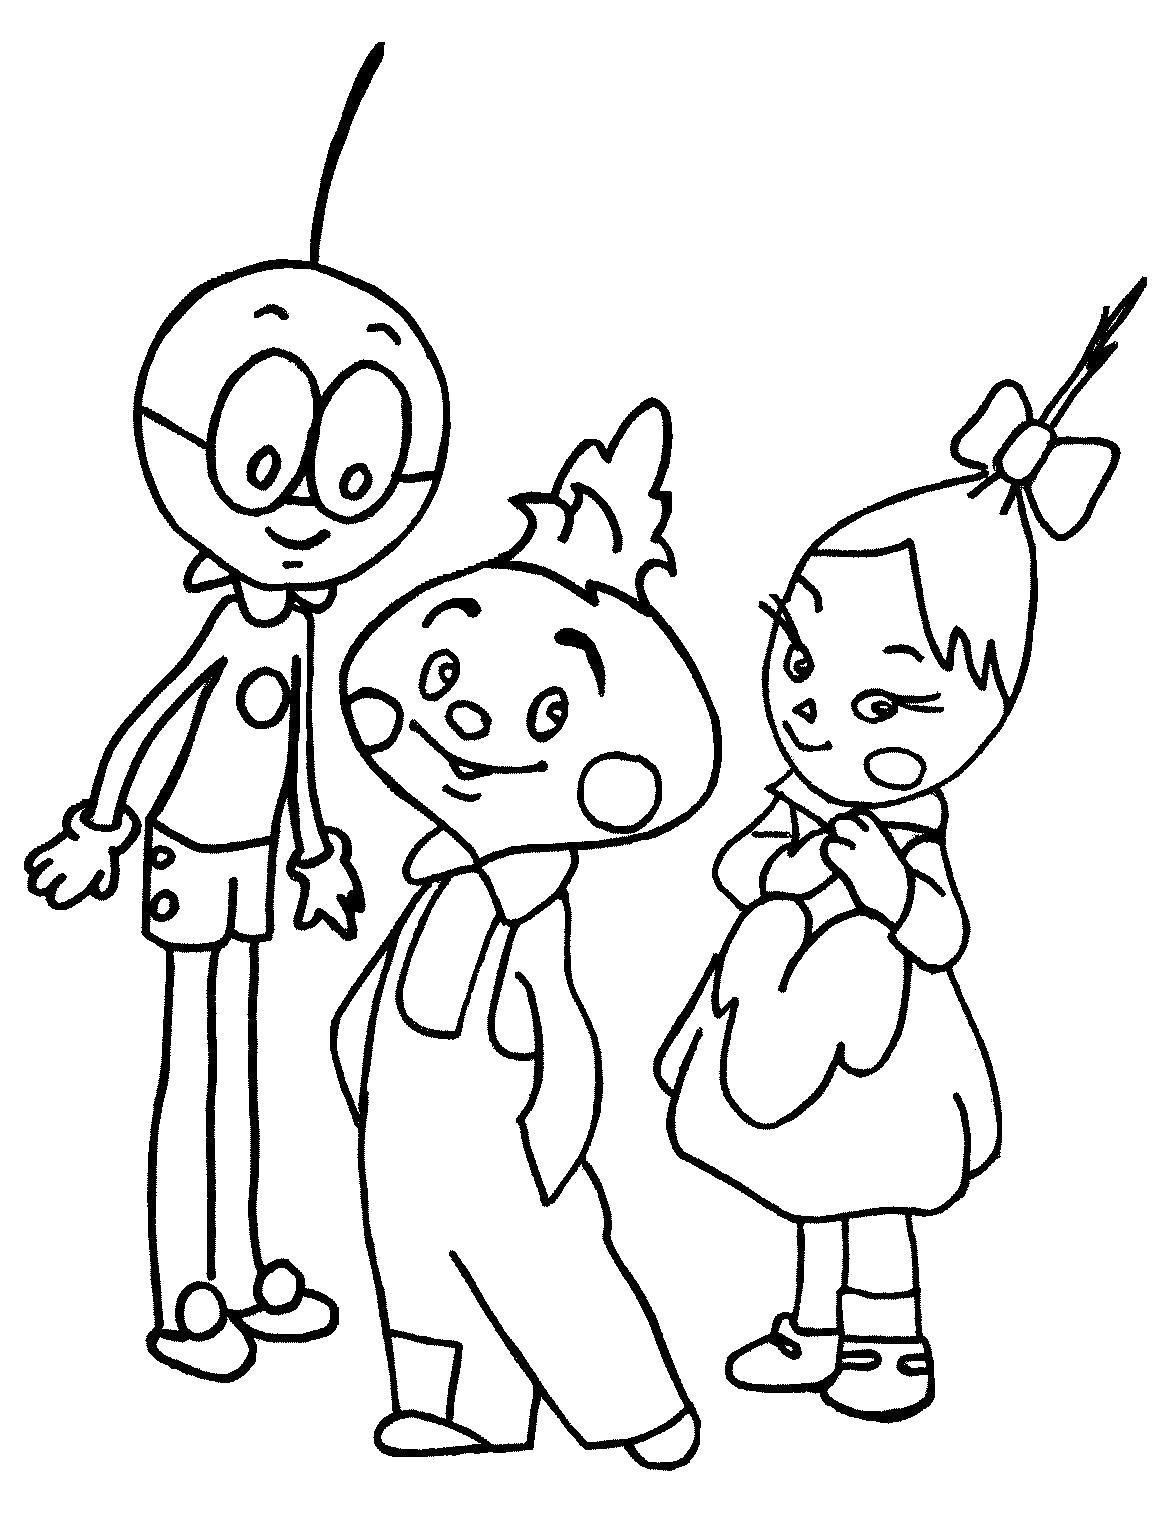 Раскраска Джанни Родари Чиполлино чтение мультфильм видео.. Скачать чиполлино.  Распечатать герои сказок